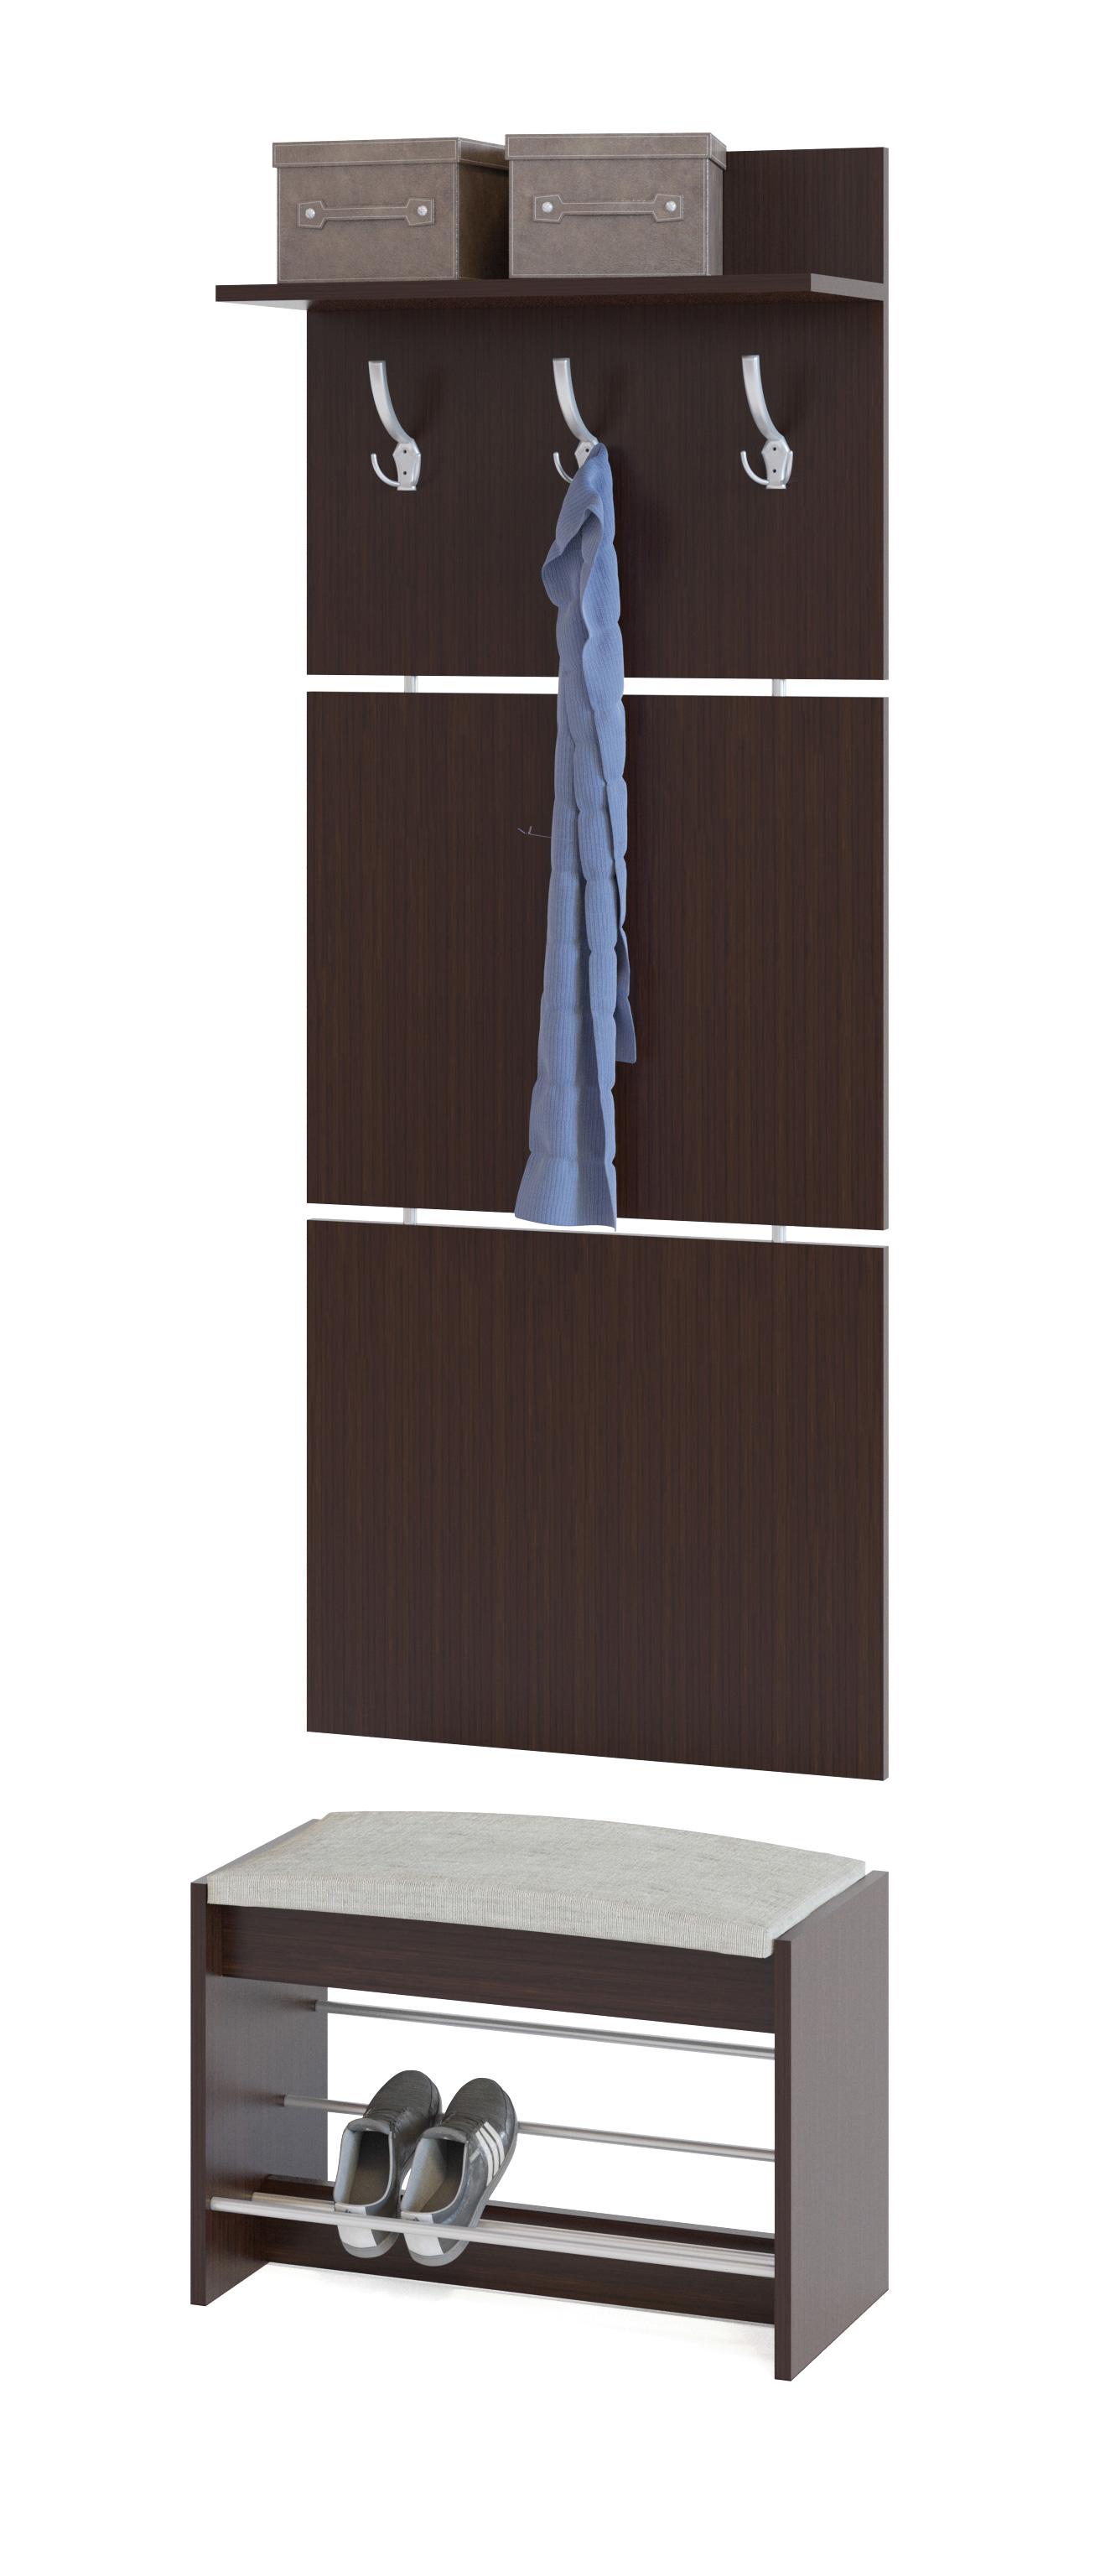 Прихожая Сокол ВШ-5.1+ТП-5 ВенгеПрихожие в коридор<br>Габаритные размеры ВхШхГ 1898x600x281 мм. Настенная вешалка с обувницей — удобный вариант для маленькой прихожей.  Модель позволит разместить сезонную одежду всей семьи.  Вешалка состоит из 3-х панелей соединенных металлическими вставками.  Полка, закрепленная над крючками для одежды, предназначена специально для головных уборов и зонтов.  Максимальная нагрузка на полку составляет 5 кг. Обувница имеет мягкое сидением, на котором удобно будет переобуваться.  Открытые полочки позволяют разместить до четырех пар обуви.  Максимальная нагрузка на обувницу — 120 кг. Модули изготавливаются из ЛДСП 16 мм, края обработаны кромкой ПВХ 0,4 мм.  Наполнение мягкого элемента на обувнице — ППУ, обивка — ткань рогожка.  Рекомендуем сохранить инструкцию по сборке (паспорт изделия) до истечения гарантийного срока.<br><br>Цвет: Венге<br>Цвет: Венге<br>Высота мм: 1898<br>Ширина мм: 600<br>Глубина мм: 281<br>Кол-во упаковок: 2<br>Форма поставки: В разобранном виде<br>Срок гарантии: 2 года<br>Тип: Прямые<br>Характеристика: Модульные<br>Материал: из ЛДСП<br>Размер: Маленькие, Узкие, Глубиной до 30 см, Глубиной до 35 см<br>Особенности: С сиденьем, С открытой вешалкой, С обувницей, Без шкафа